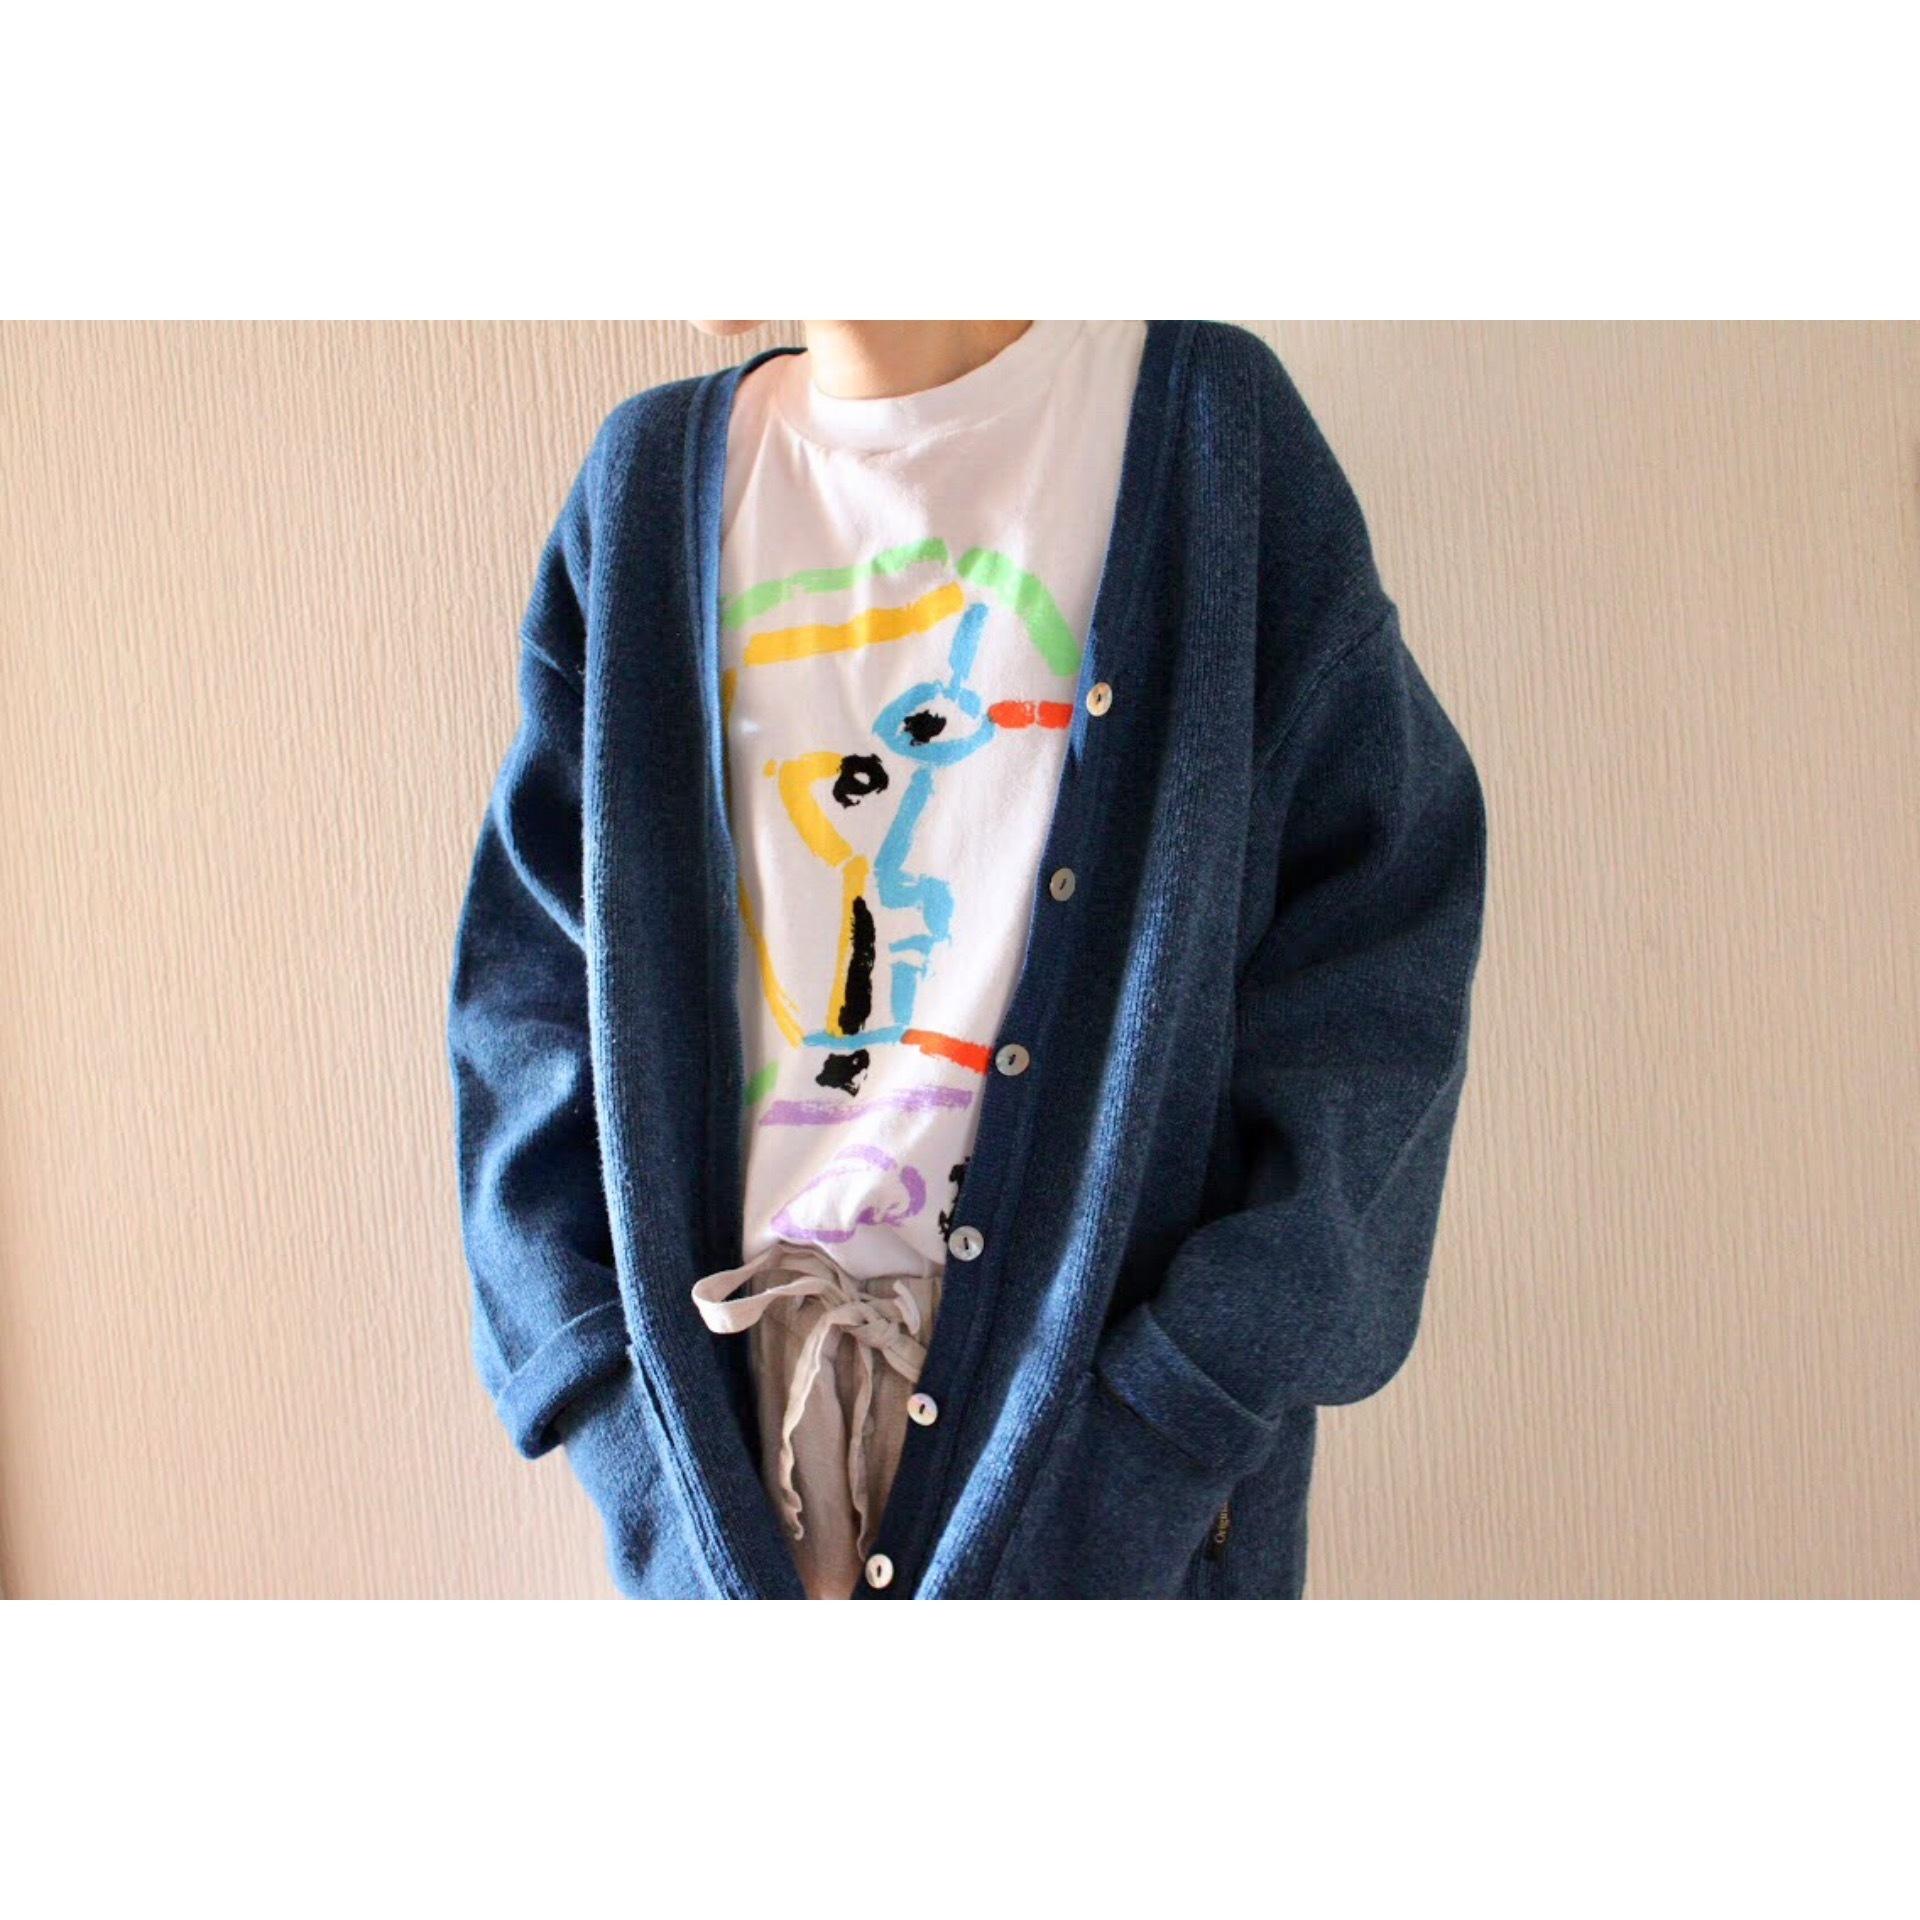 Vintage indigo cardigan